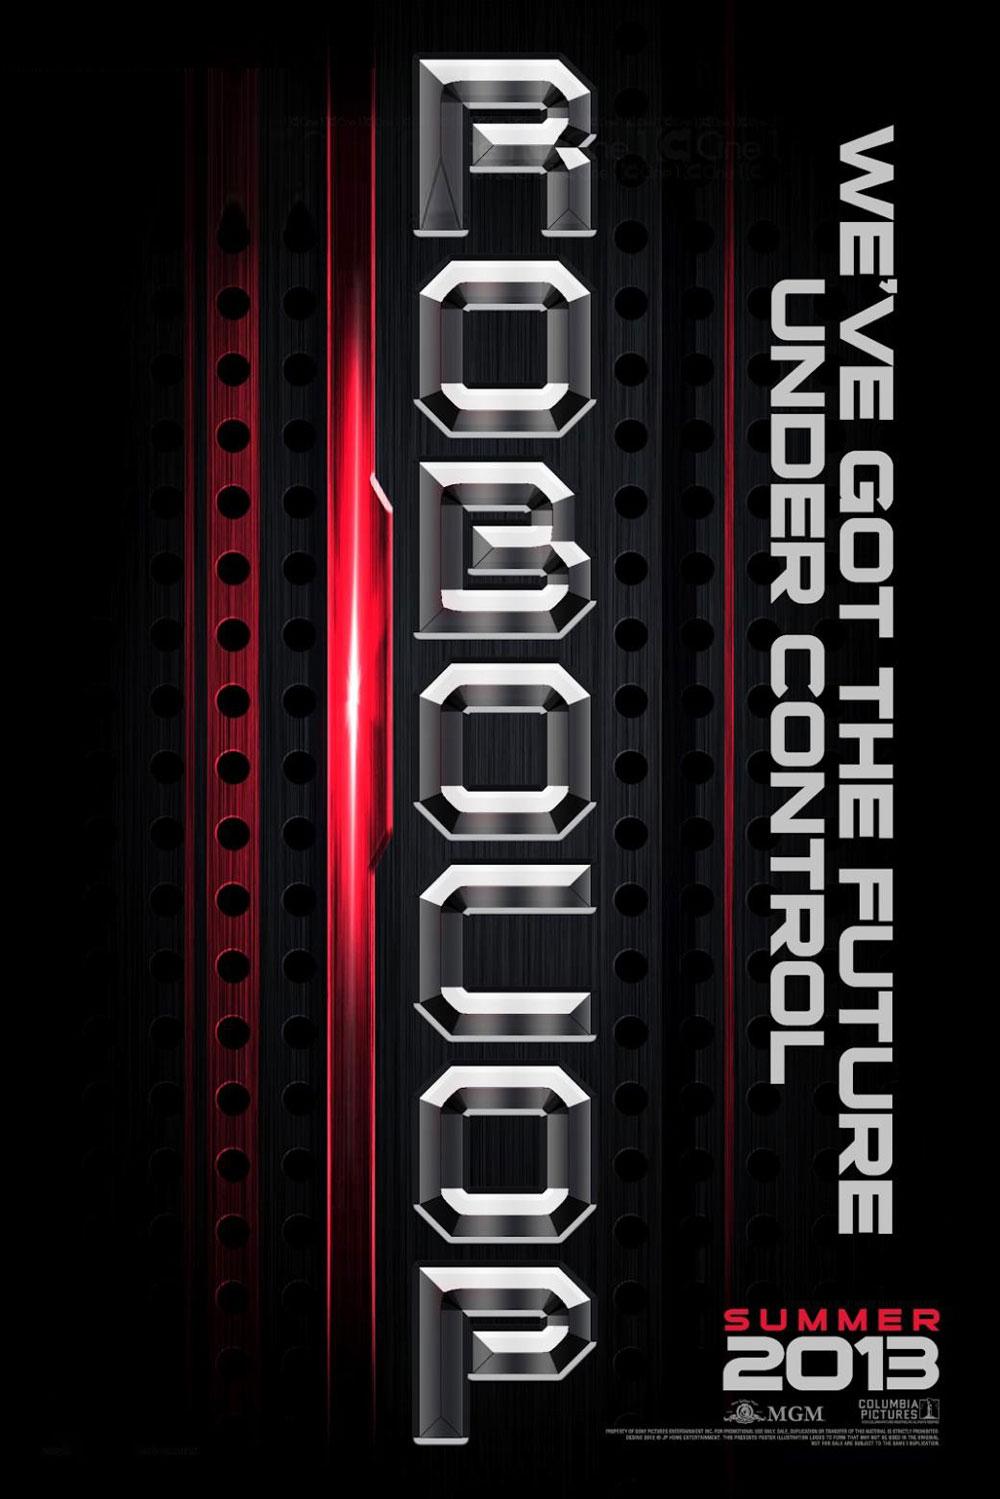 Robocop remake 2013